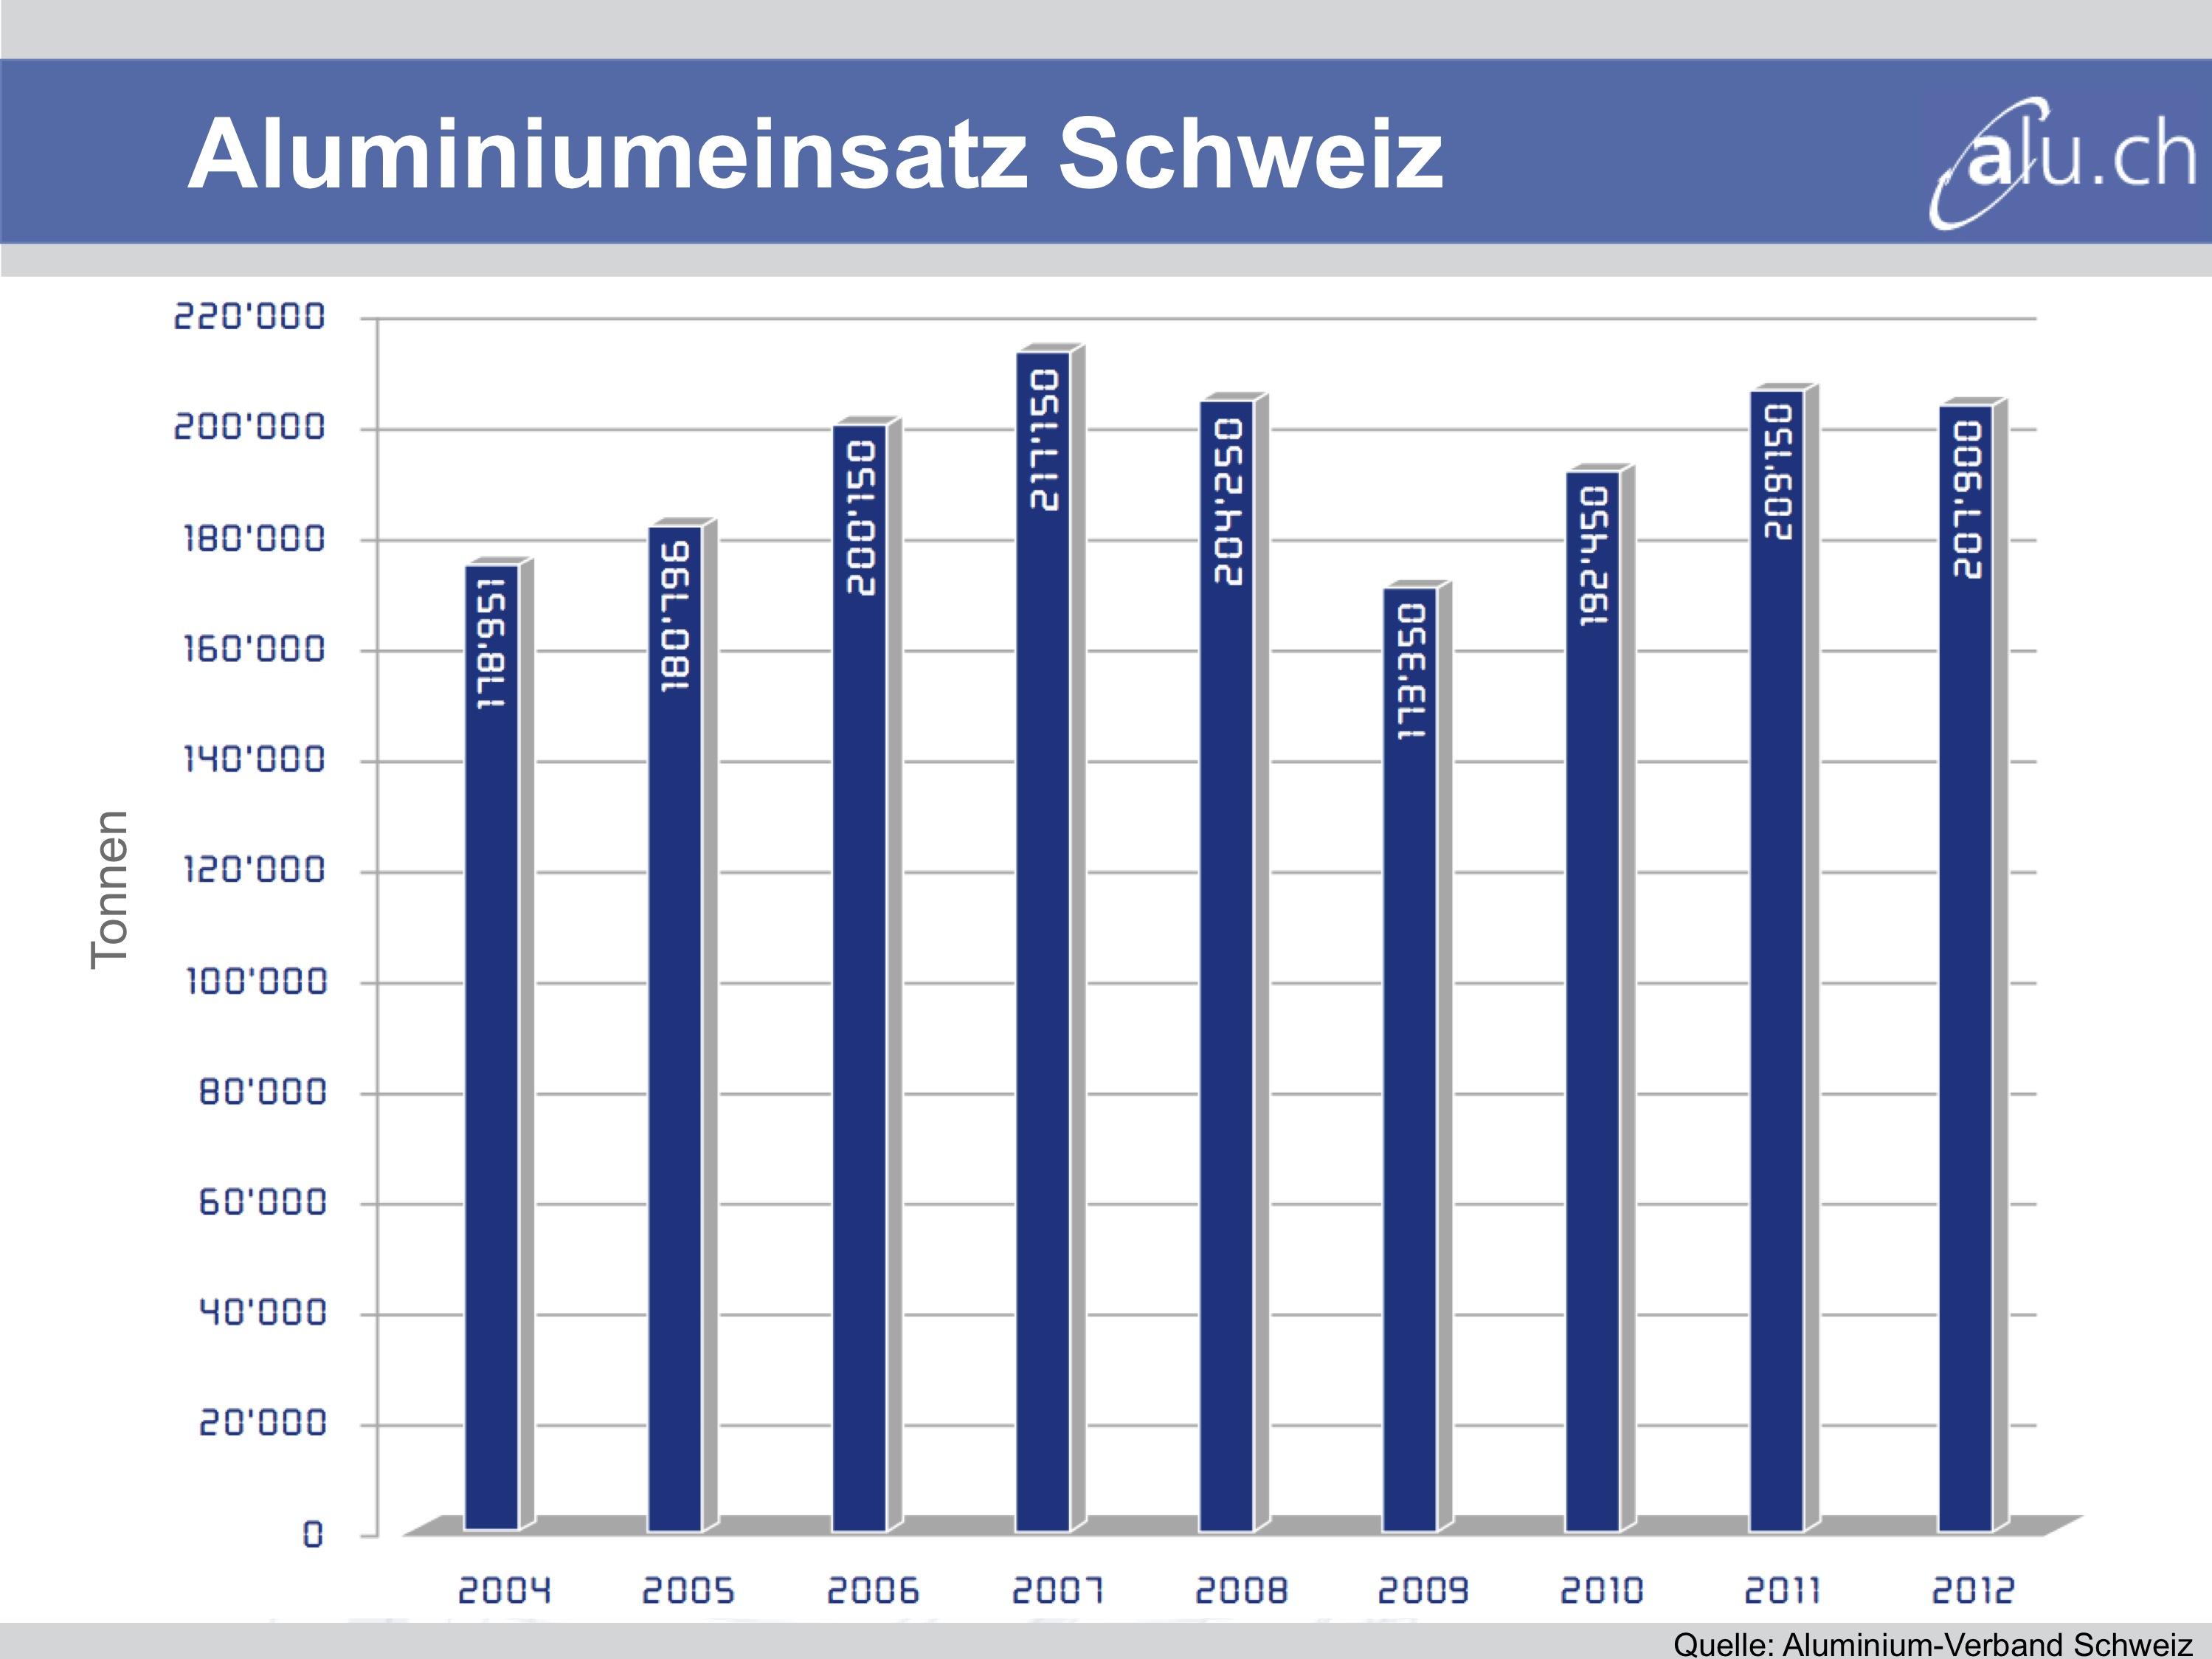 Küchen Verband Schweiz Jobs ~ jahrespressekonferenz lage der schweizer aluminiumindustrie weiterhin angespannt aluminium